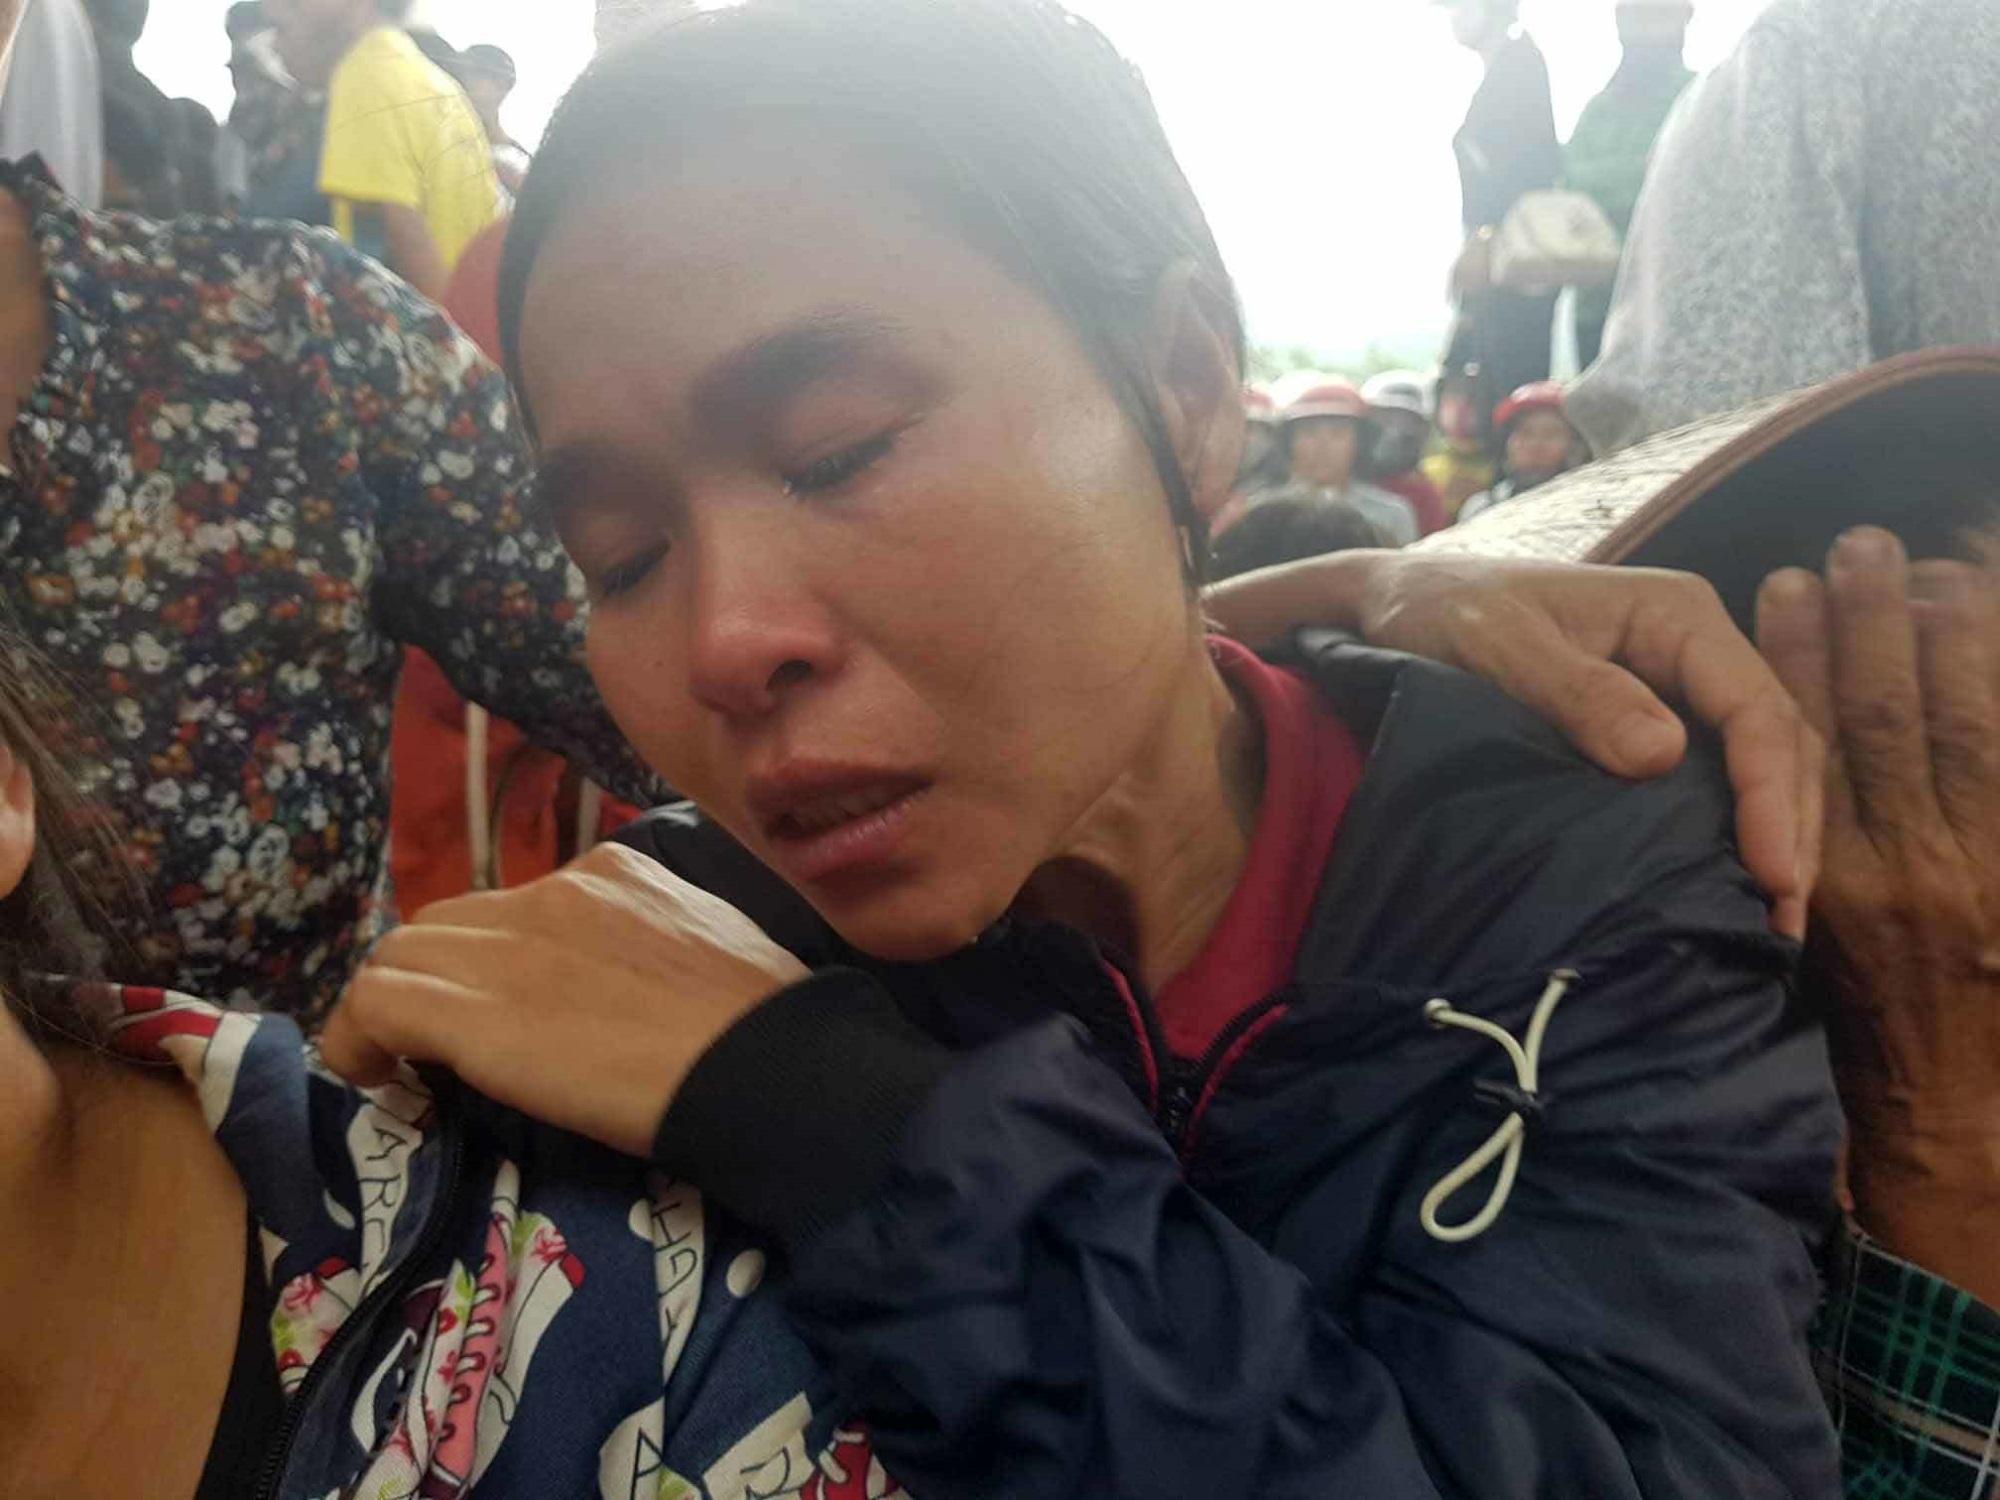 Chị gái khóc ngặt kể phút phát hiện gia đình em trai 4 người treo cổ - Ảnh 2